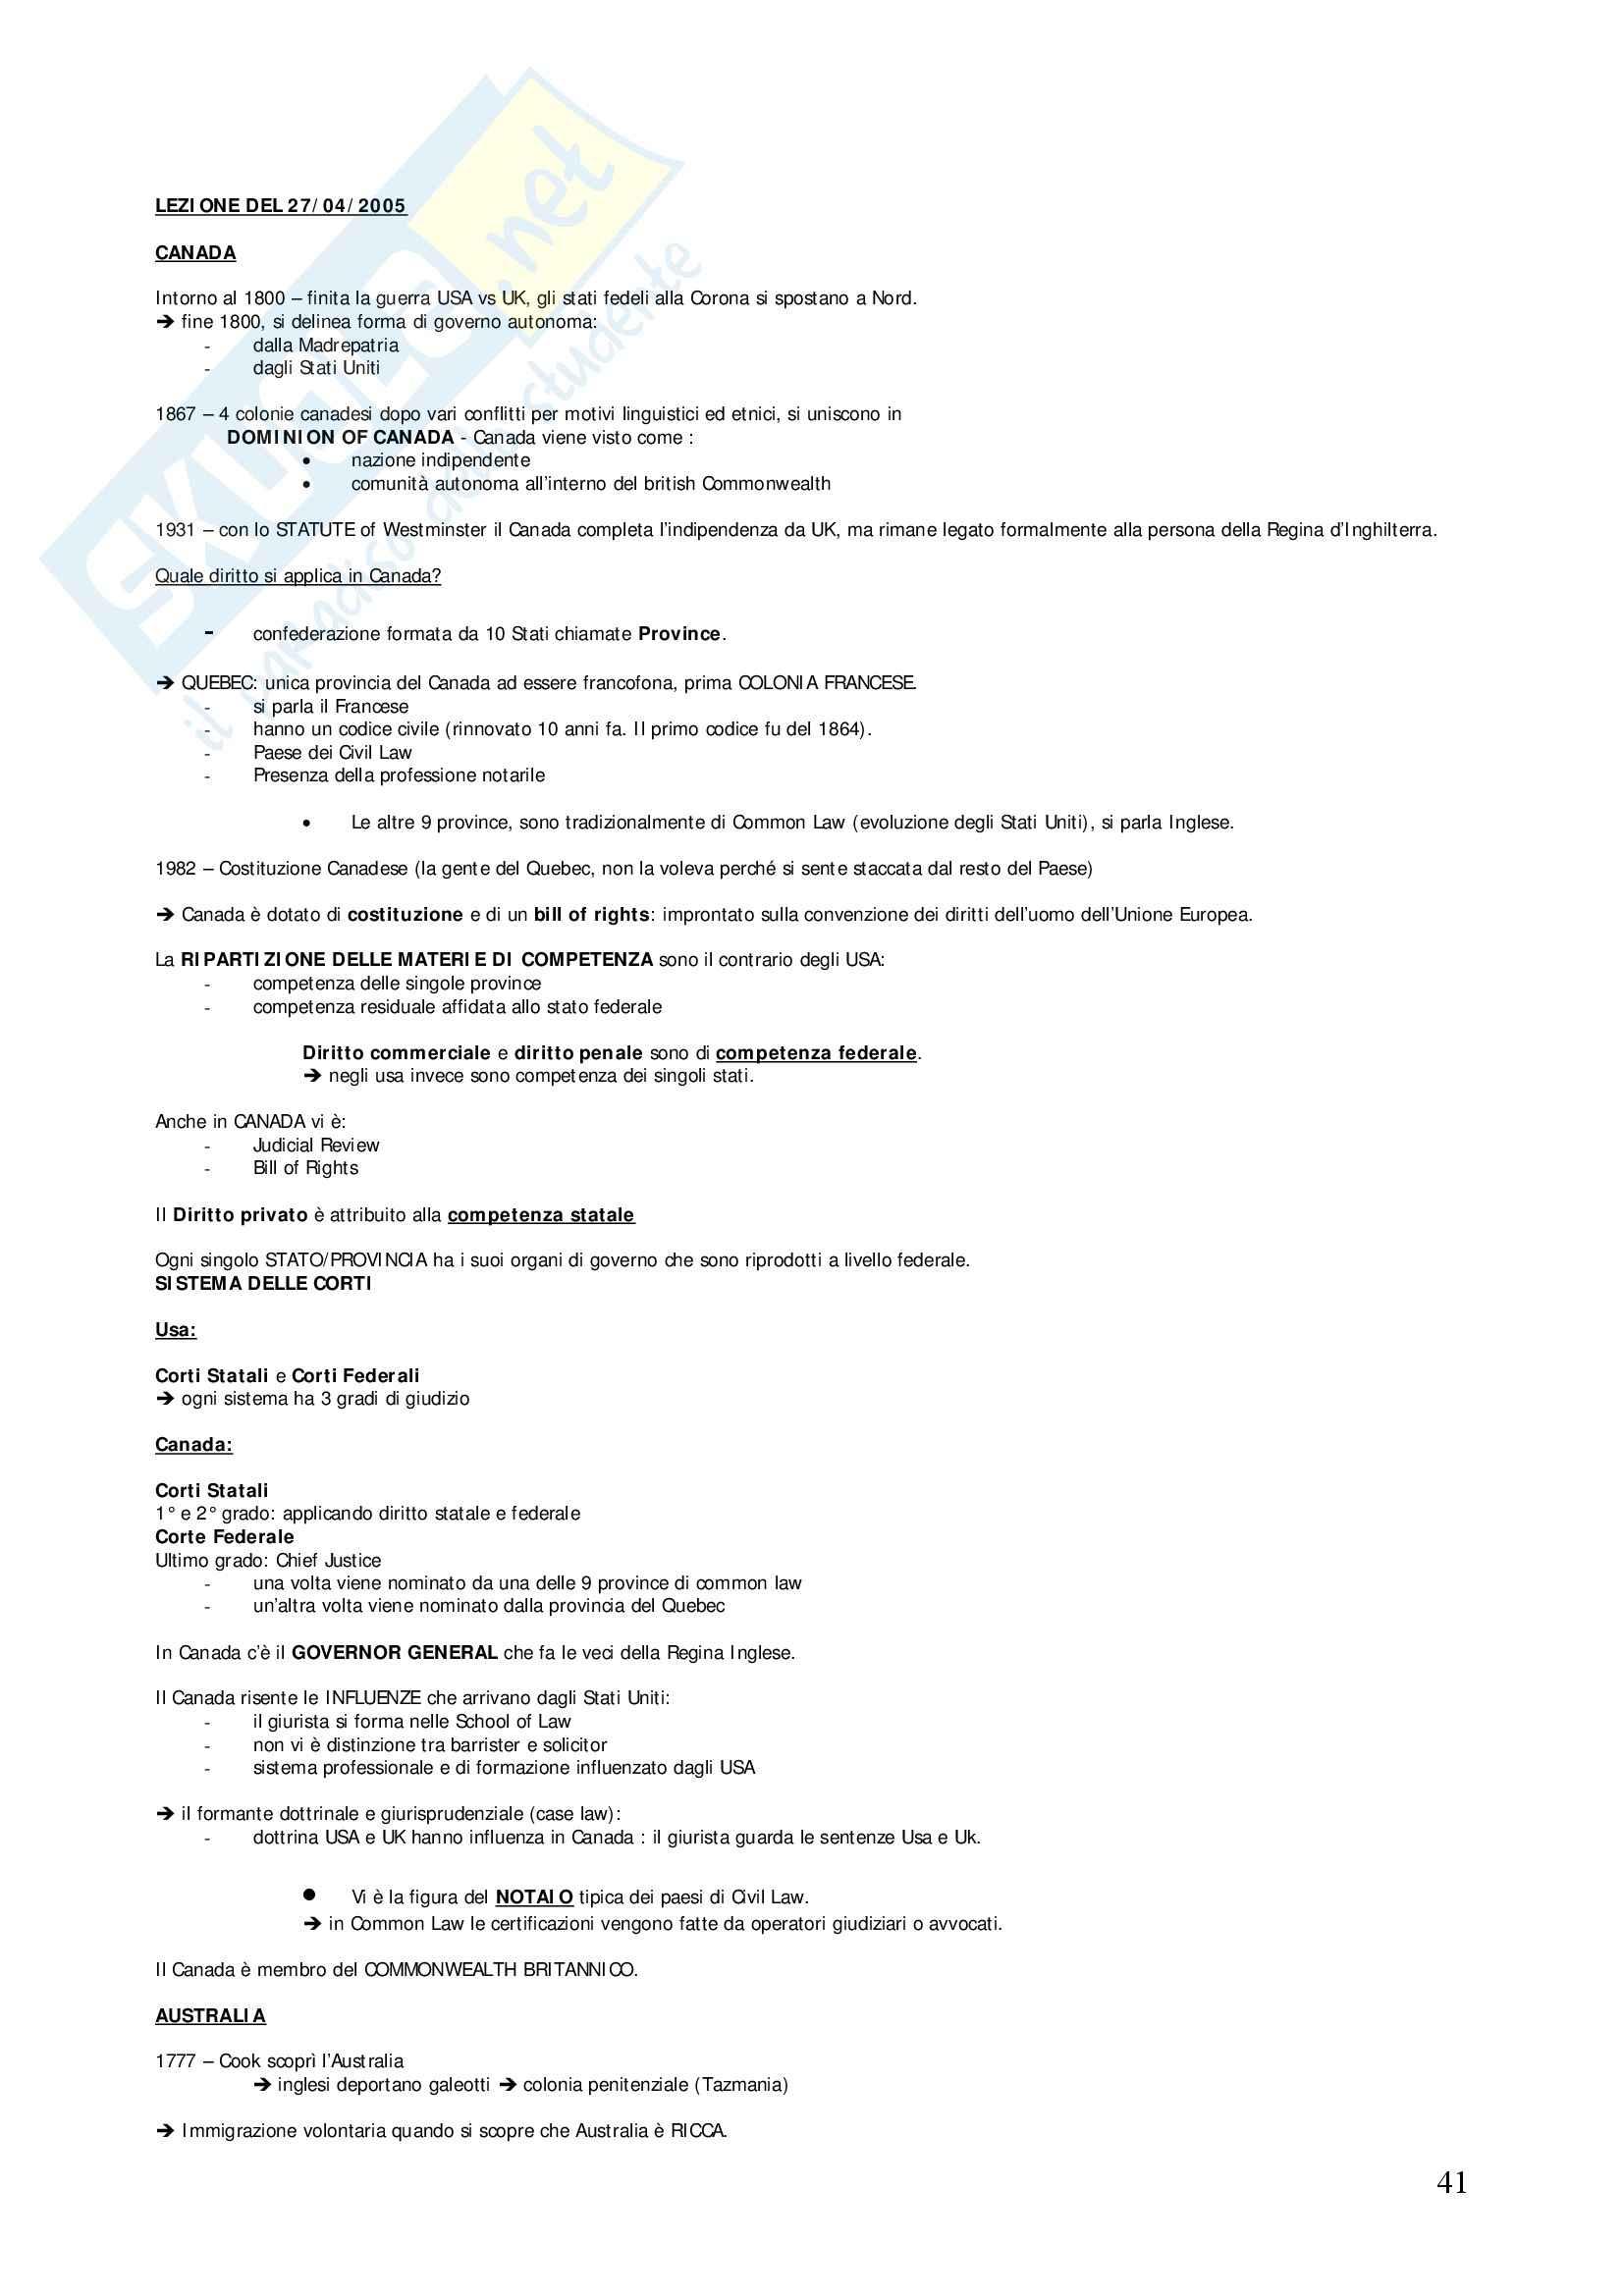 Diritto privato comparato - Appunti Pag. 41